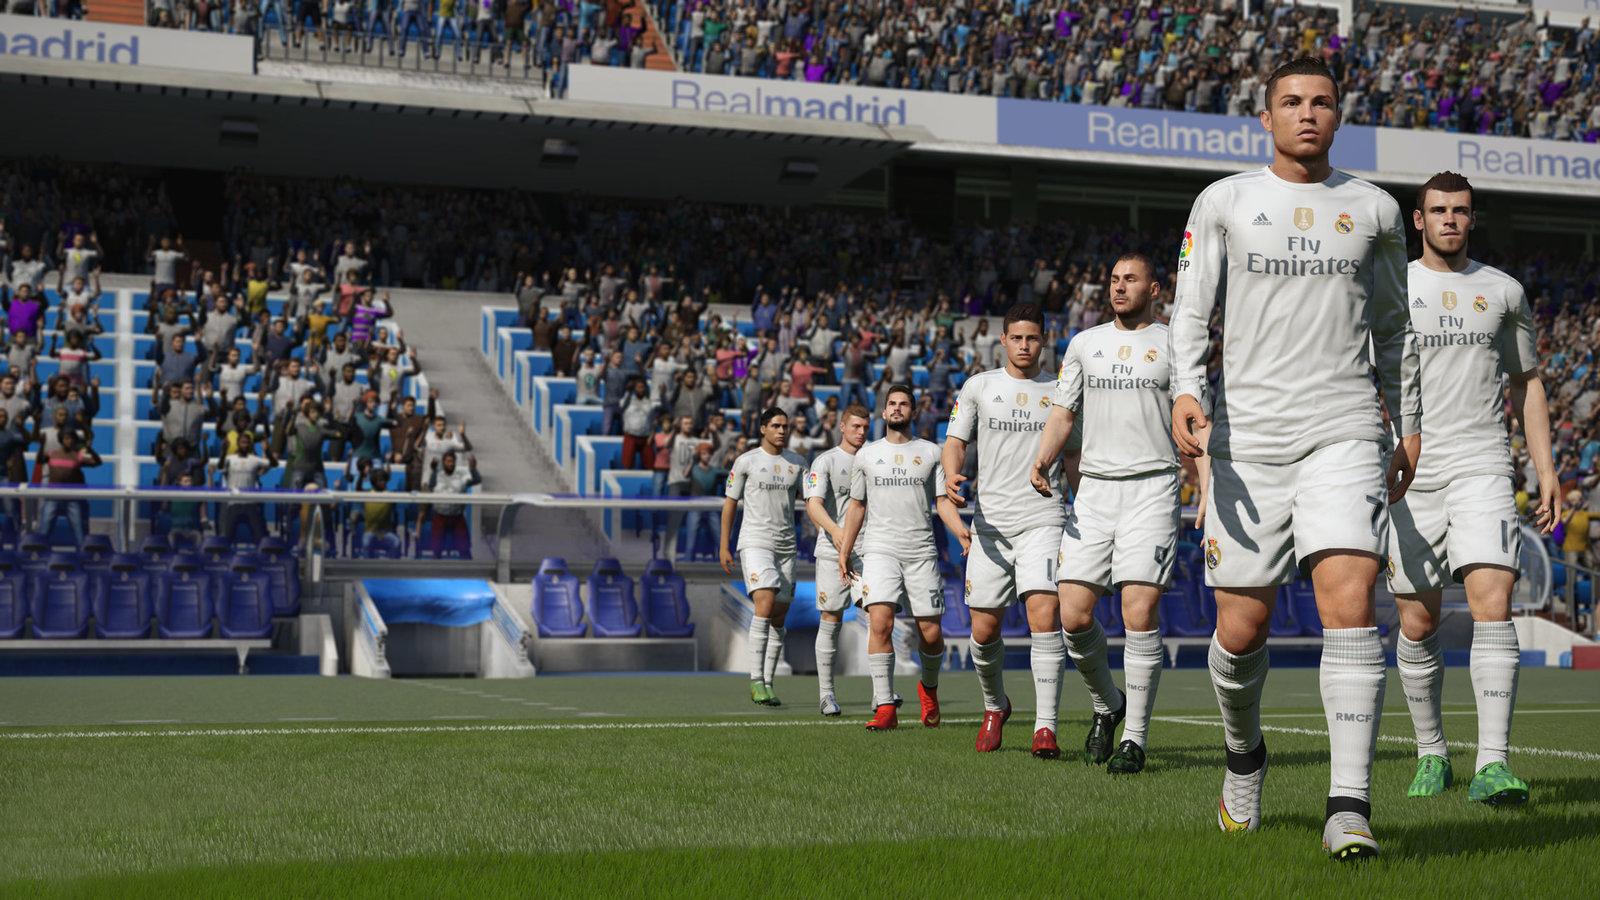 El Real Madrid firma una alianza con PlayStation